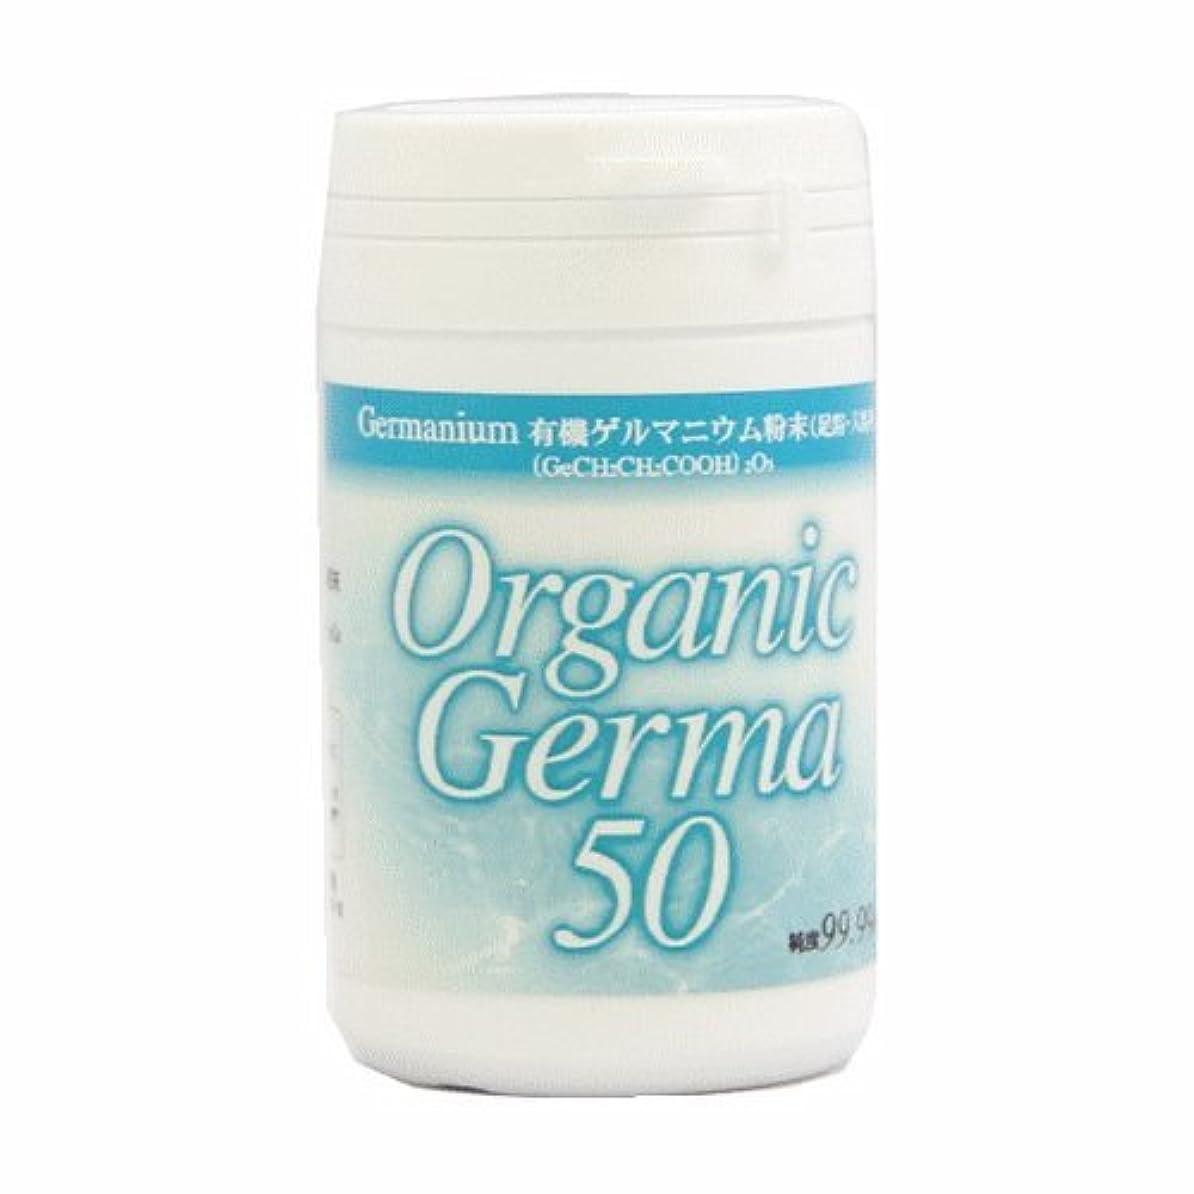 擬人化寝具二層【有機 ゲルマニウム 粉末 50g (Ge-132) 99.99% 温浴用】 ゲルマ パウダー